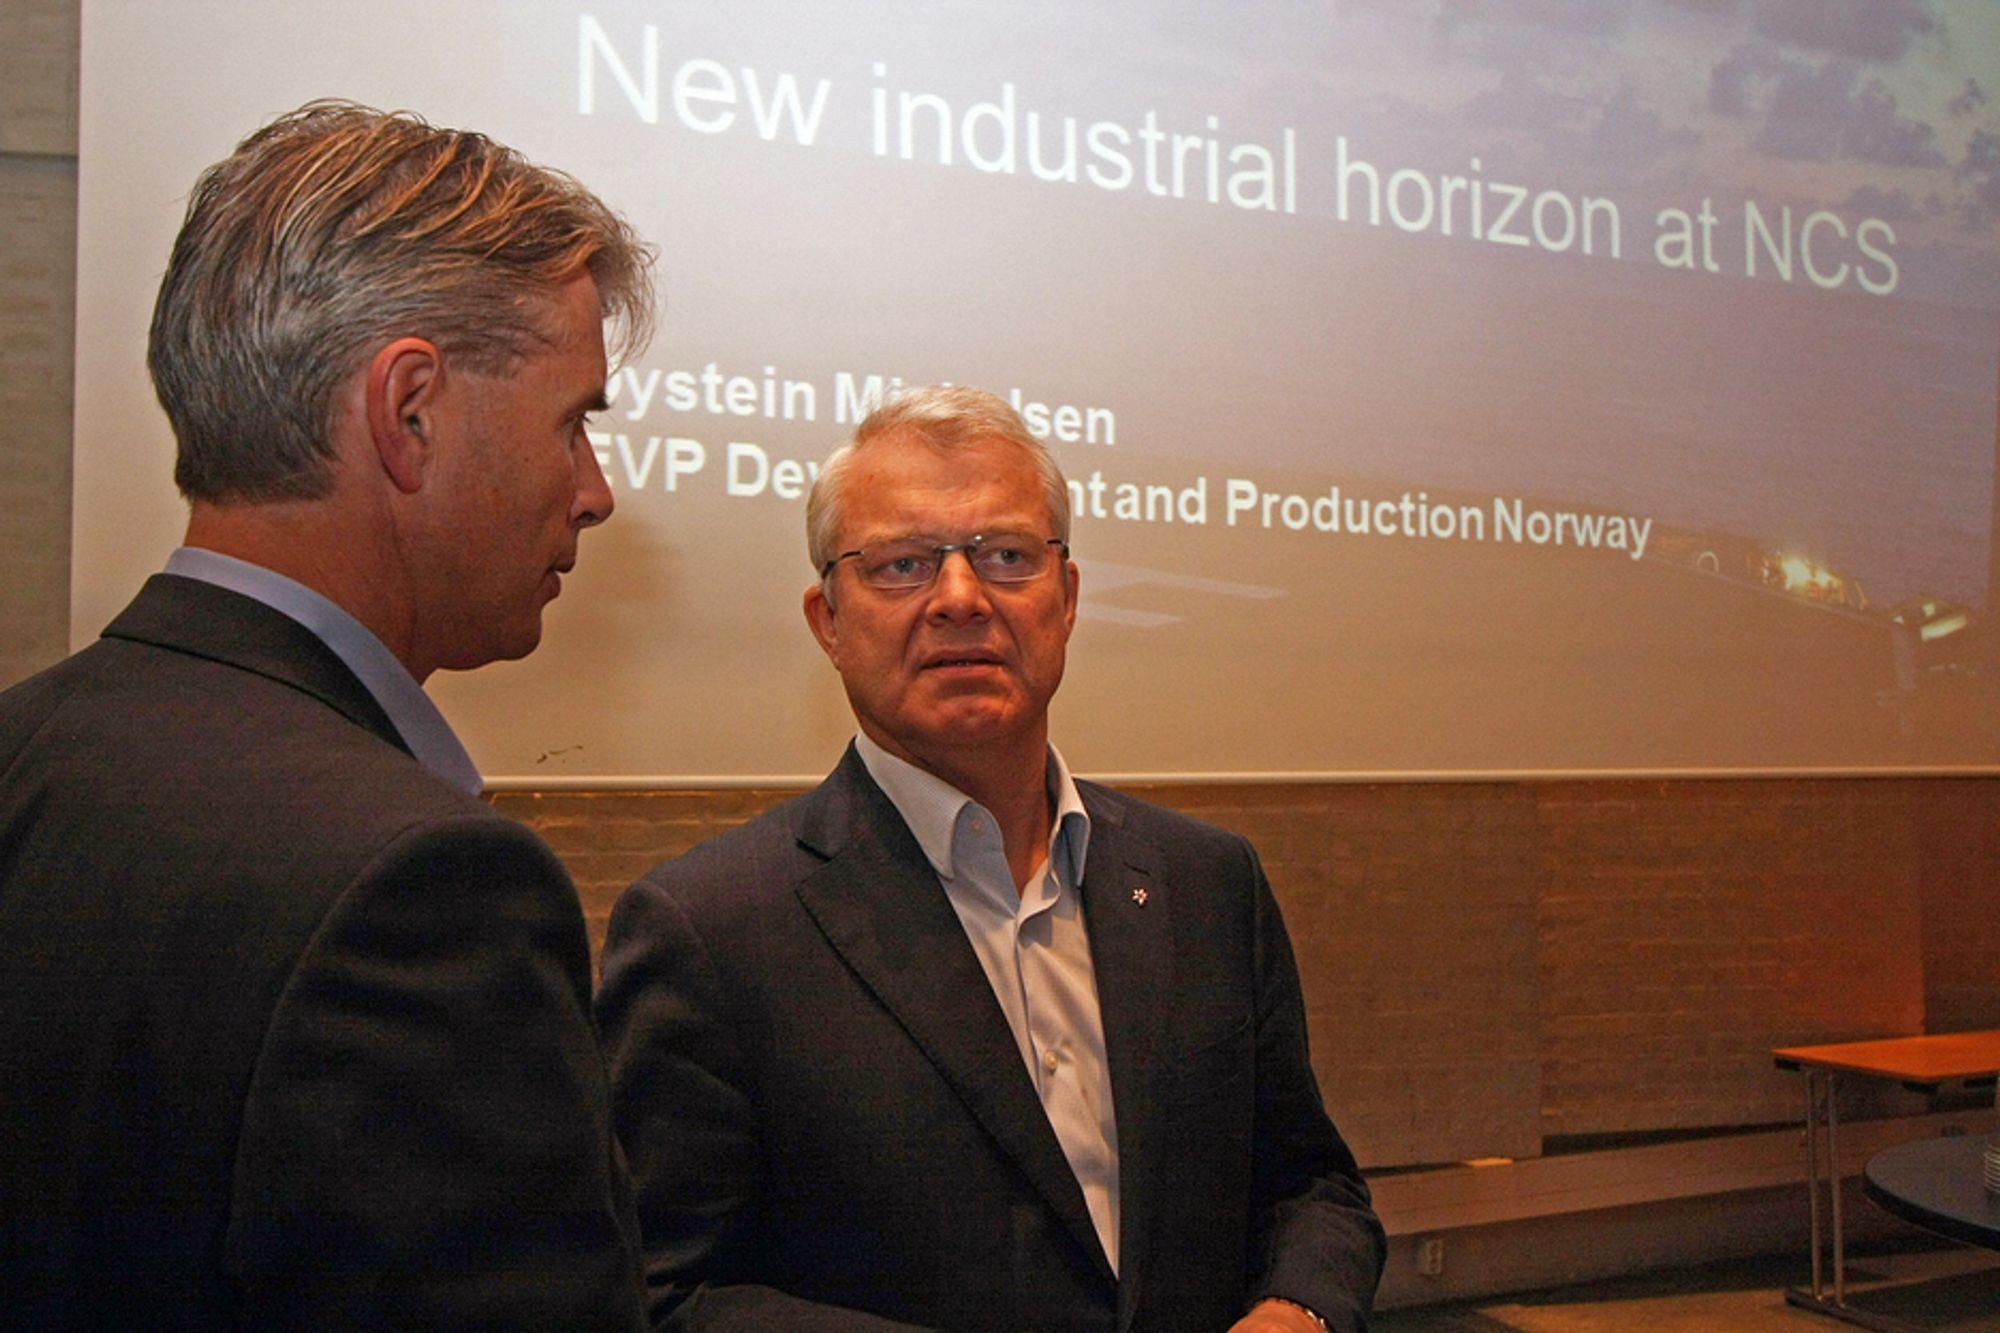 GODT SKODD: Konserndirektør Øystein Michelsen sier Statoil har ressurser og kapasitet til å gjøre alt som trengs på norsk sokkel.